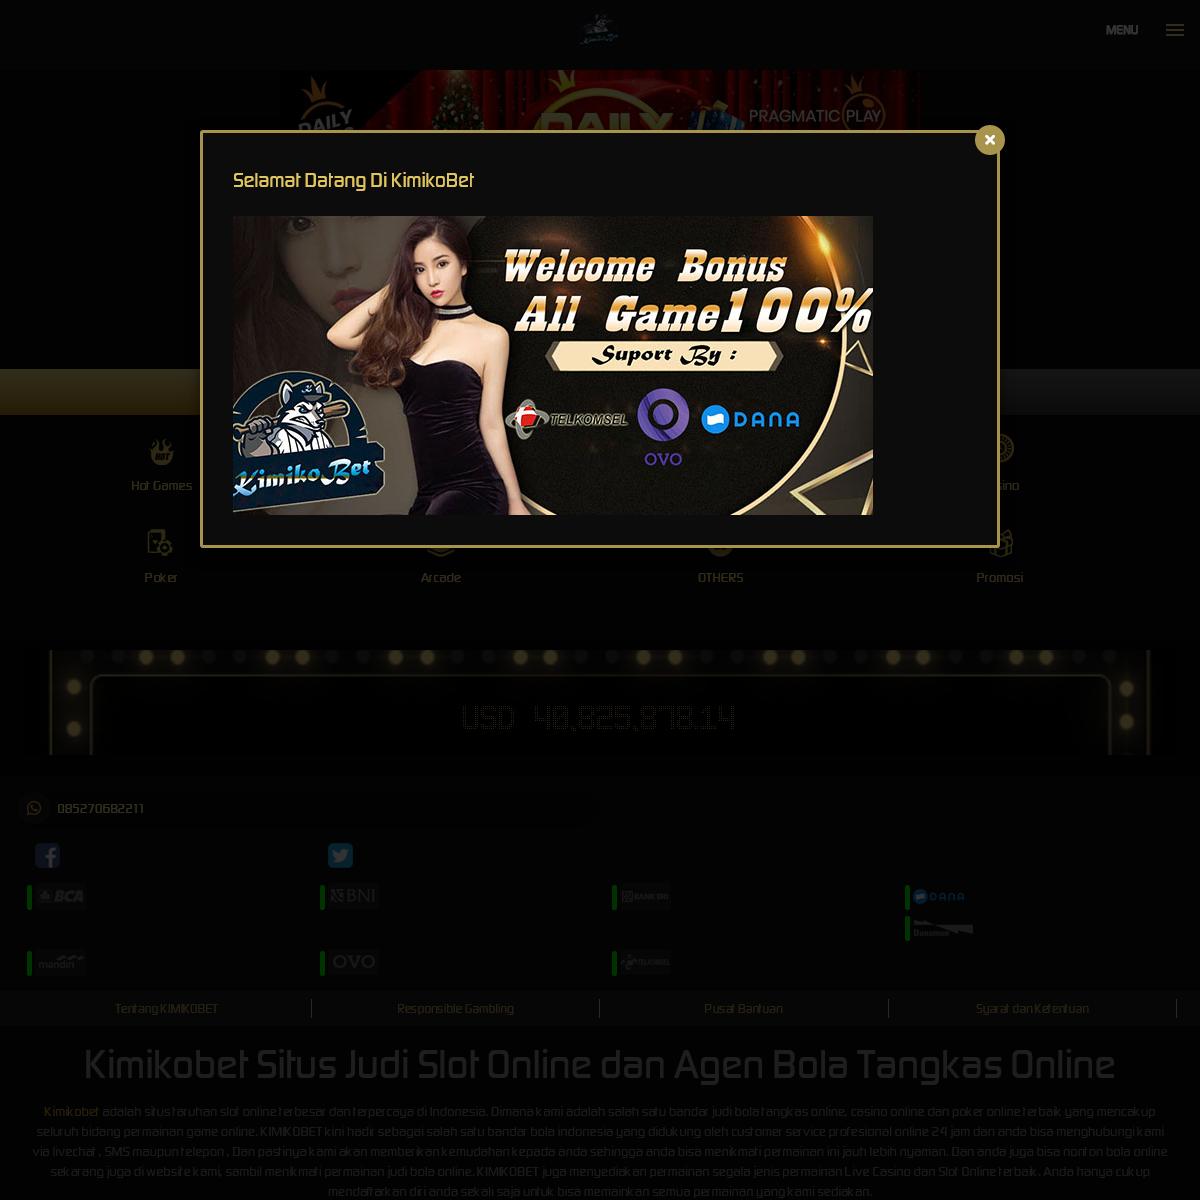 Kimikobet Situs Judi Slot Online dan Agen Bola Tangkas Online